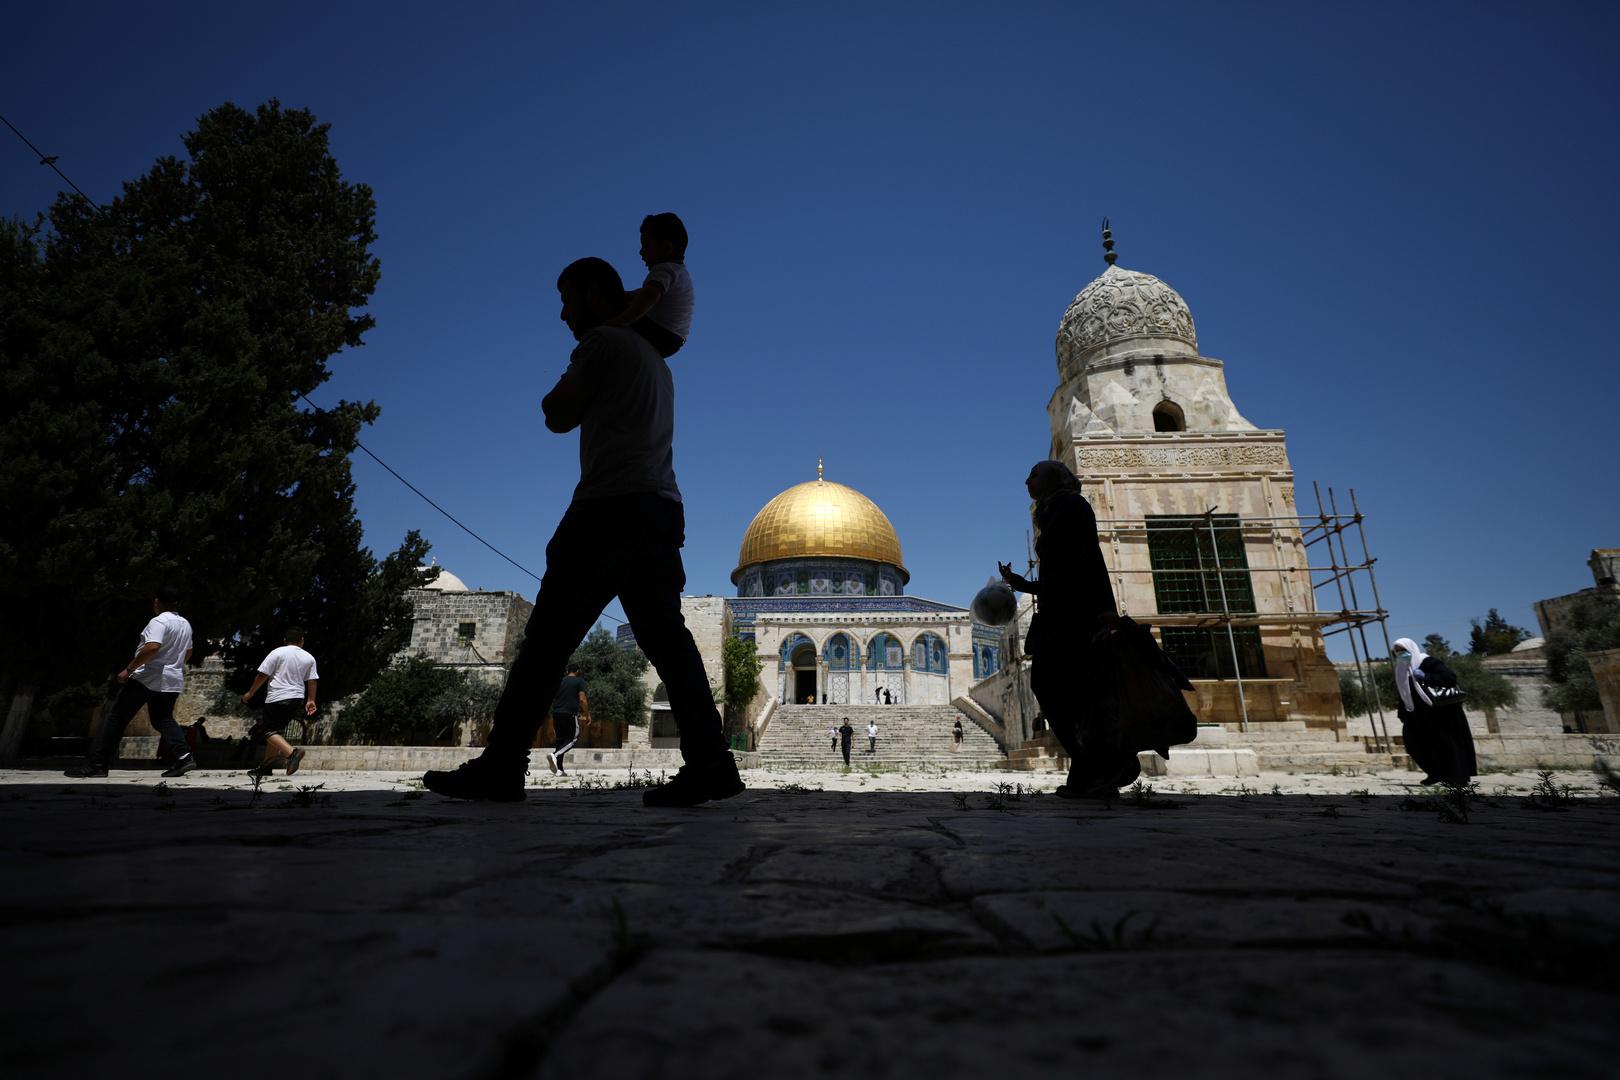 قبة الصخرة والمسجد الأقصى.